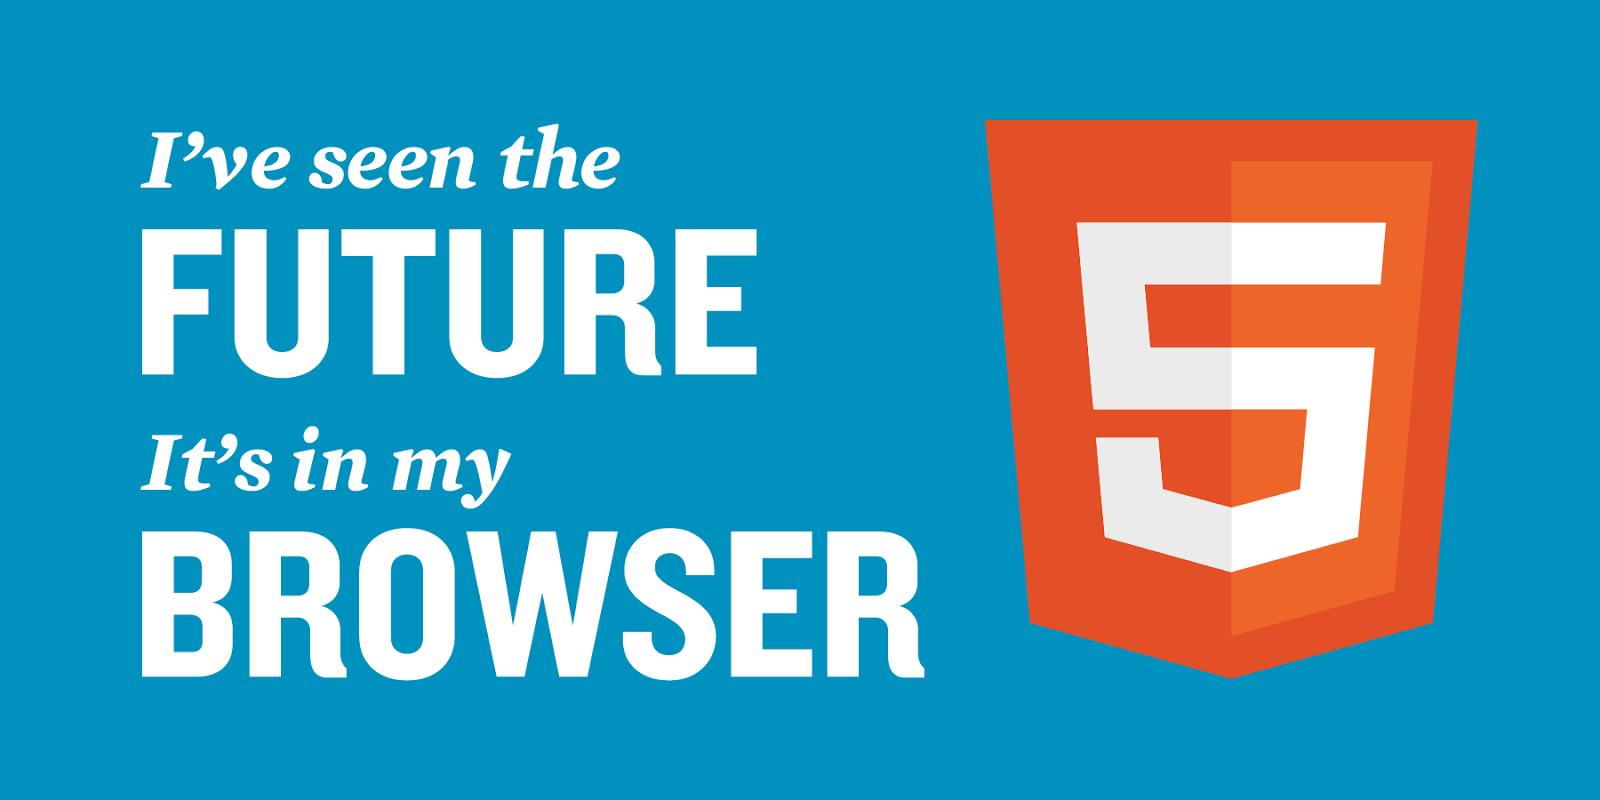 Web promosyonu için en popüler ve gerekli html meta etiketleri